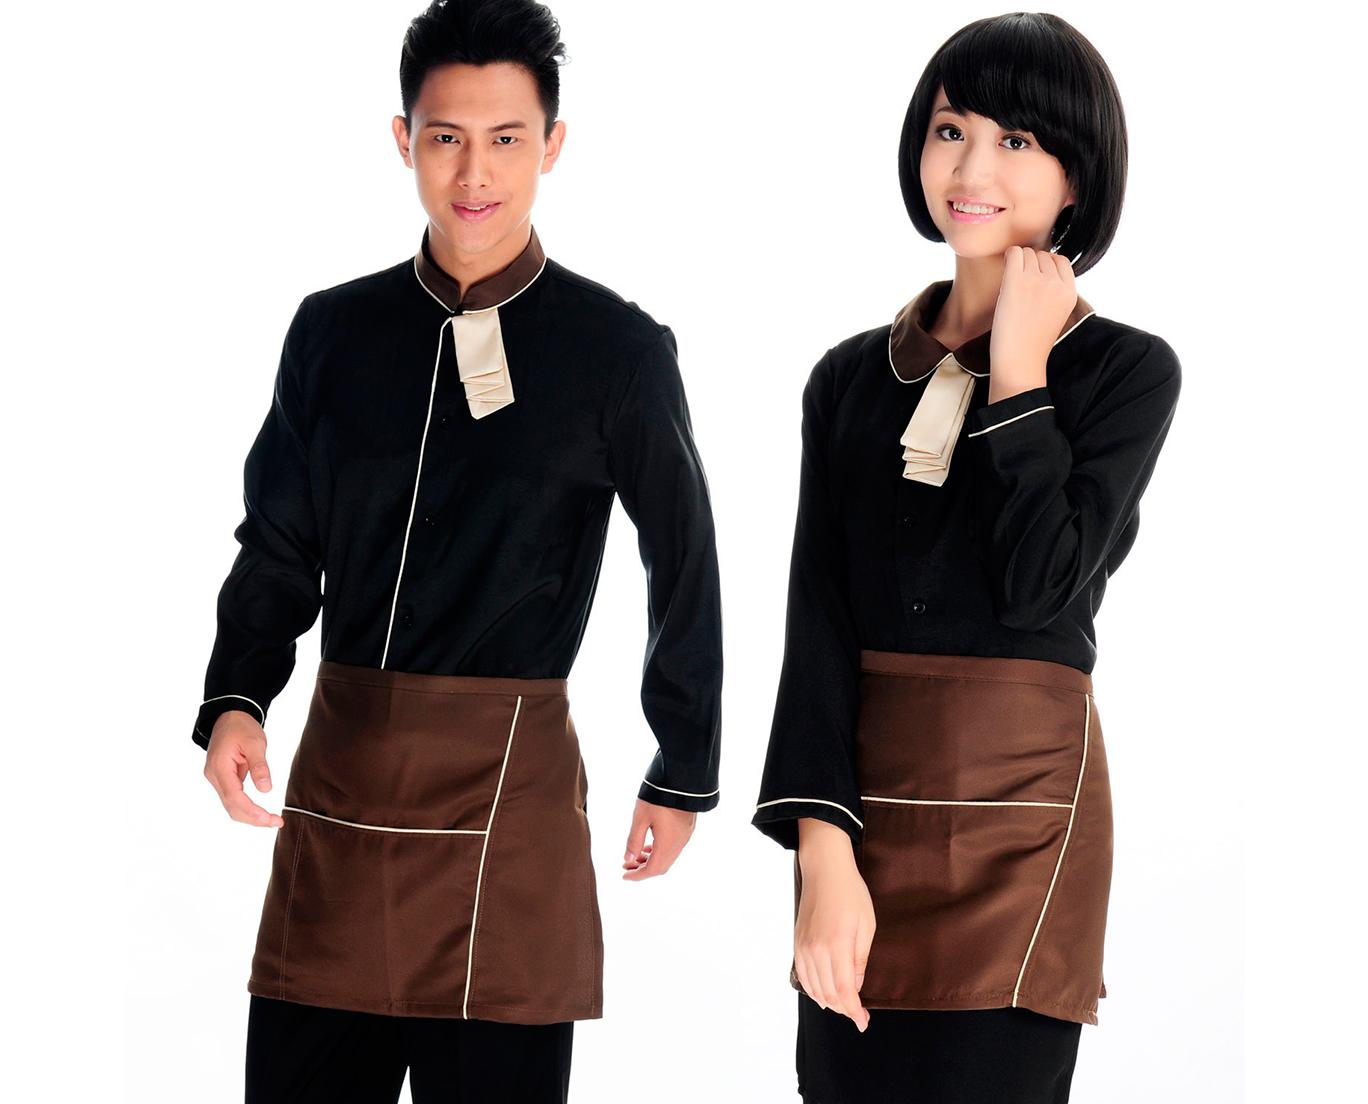 Confecciones falis uniforme para mesero dama y caballero for Uniformes de cocina precios